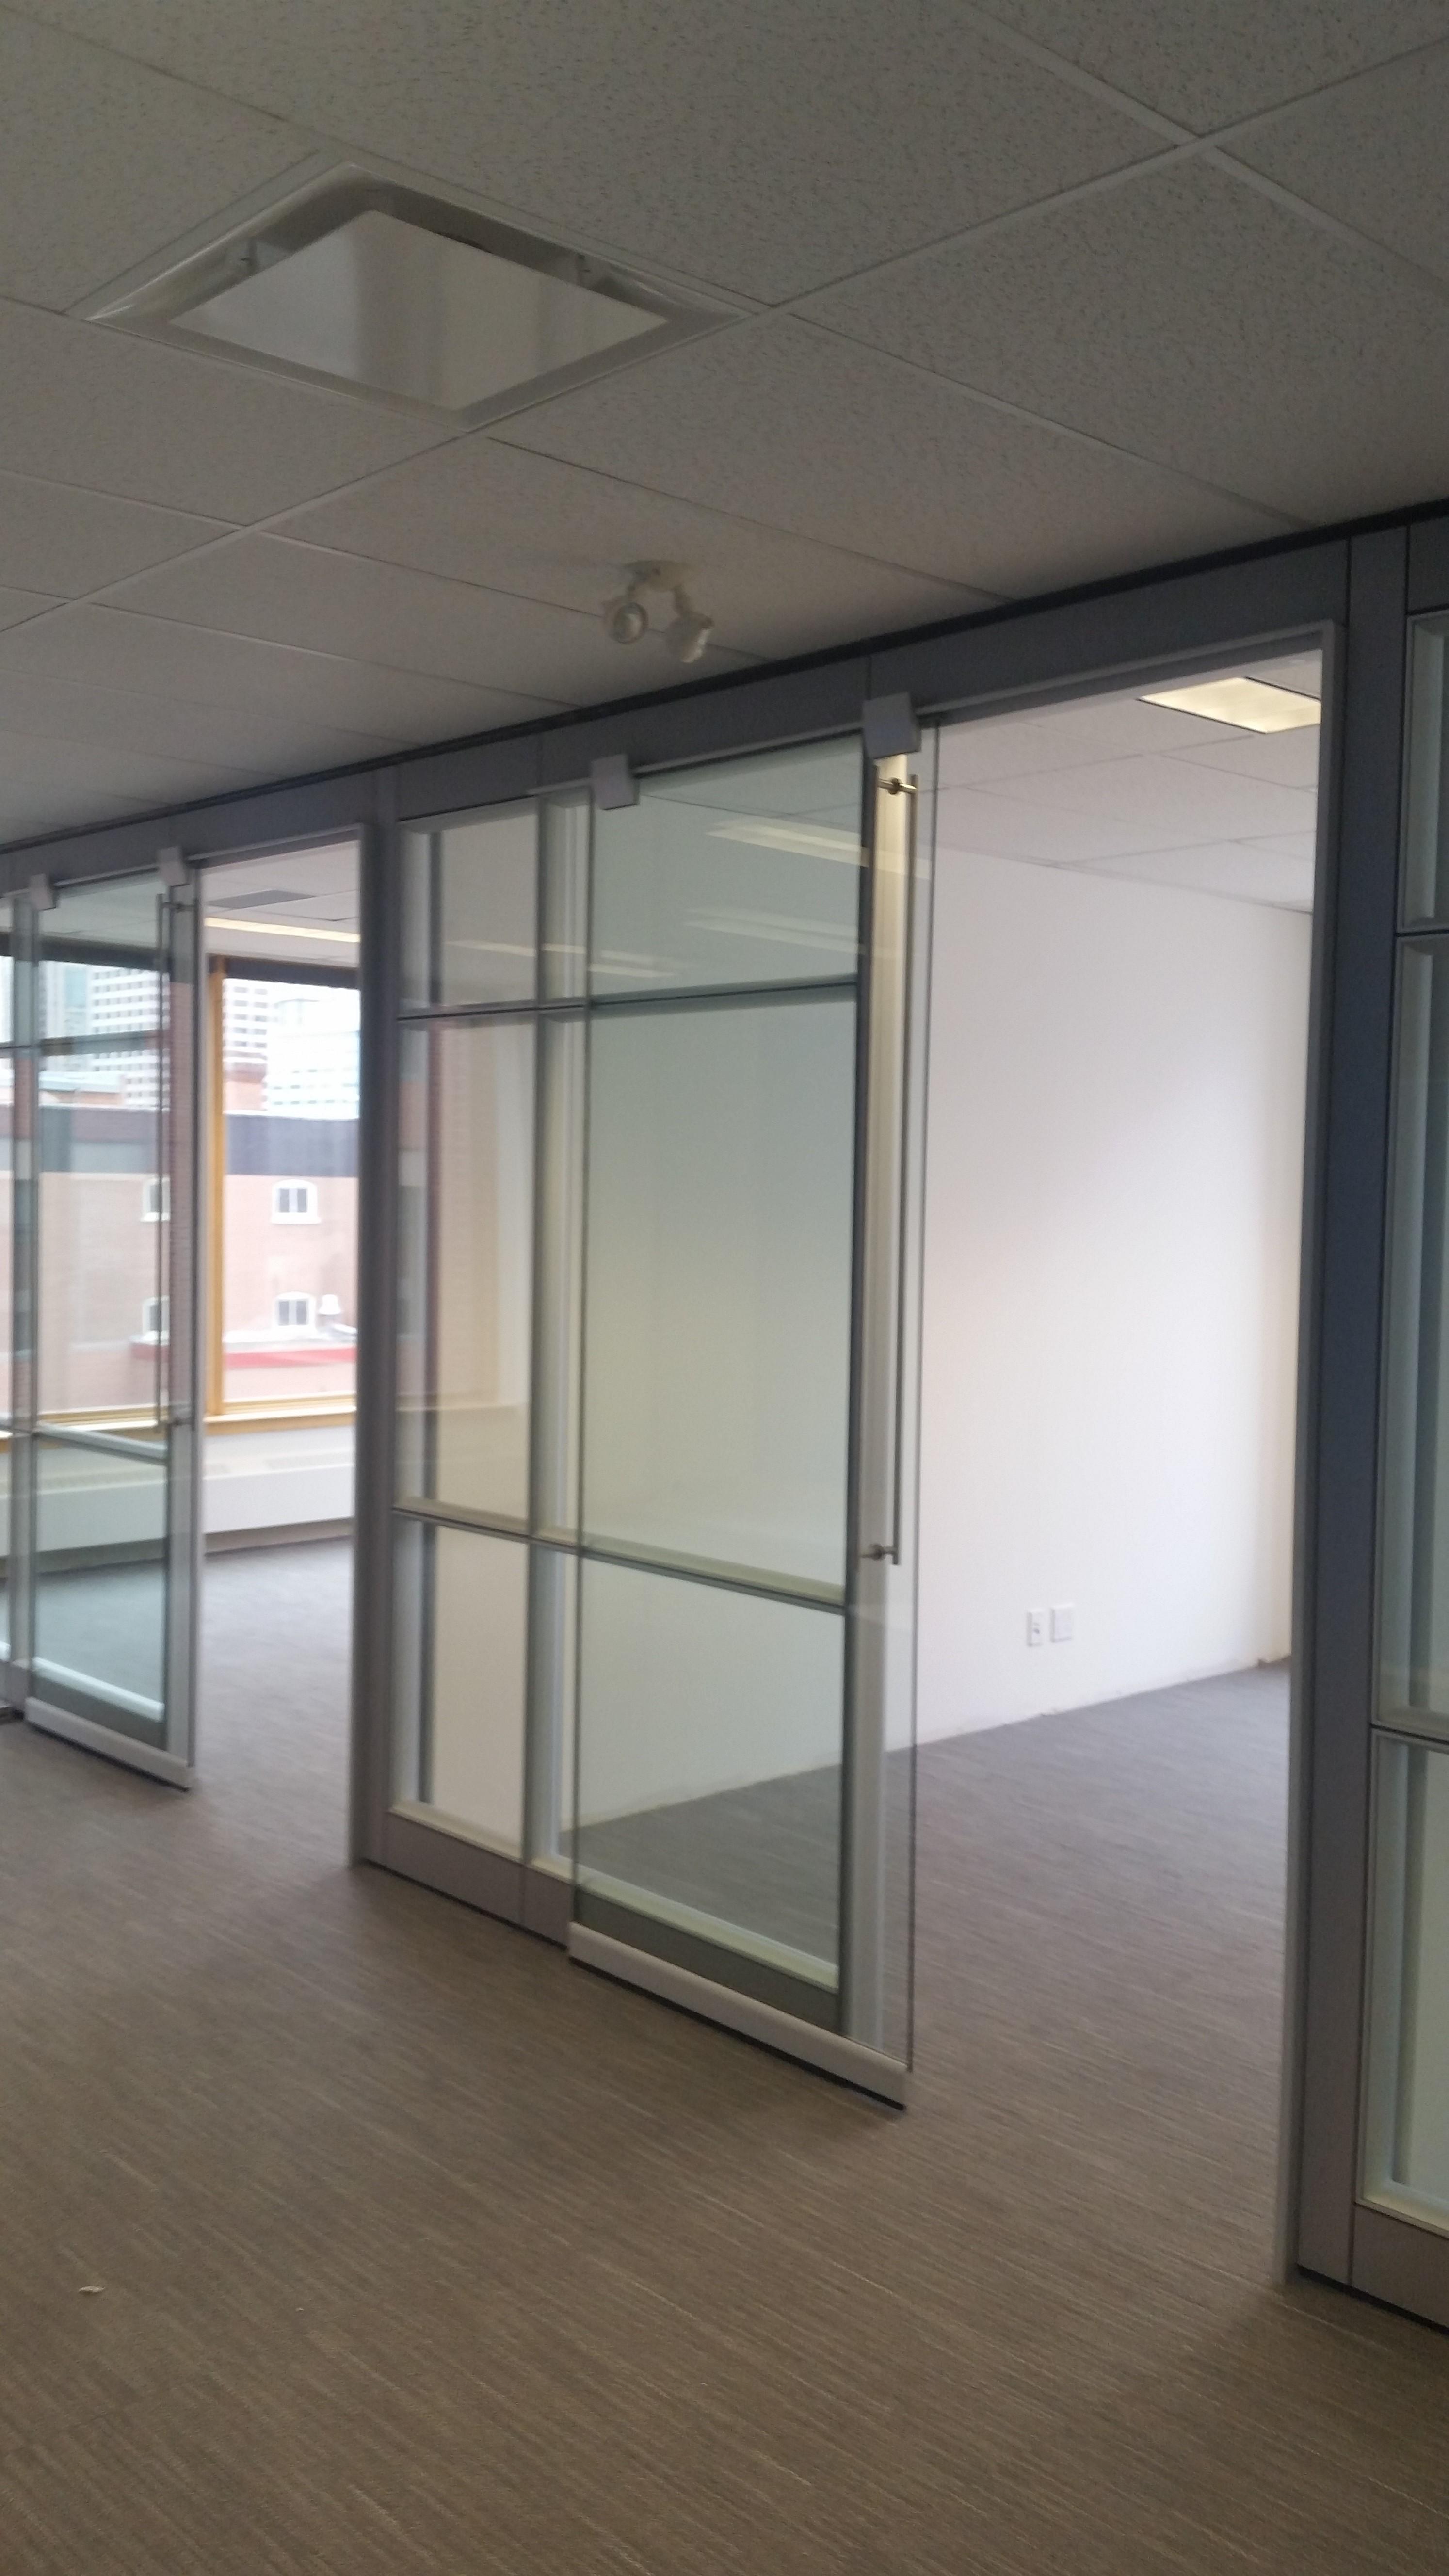 commercial img conditioning steel heating work air doors door hagerstown